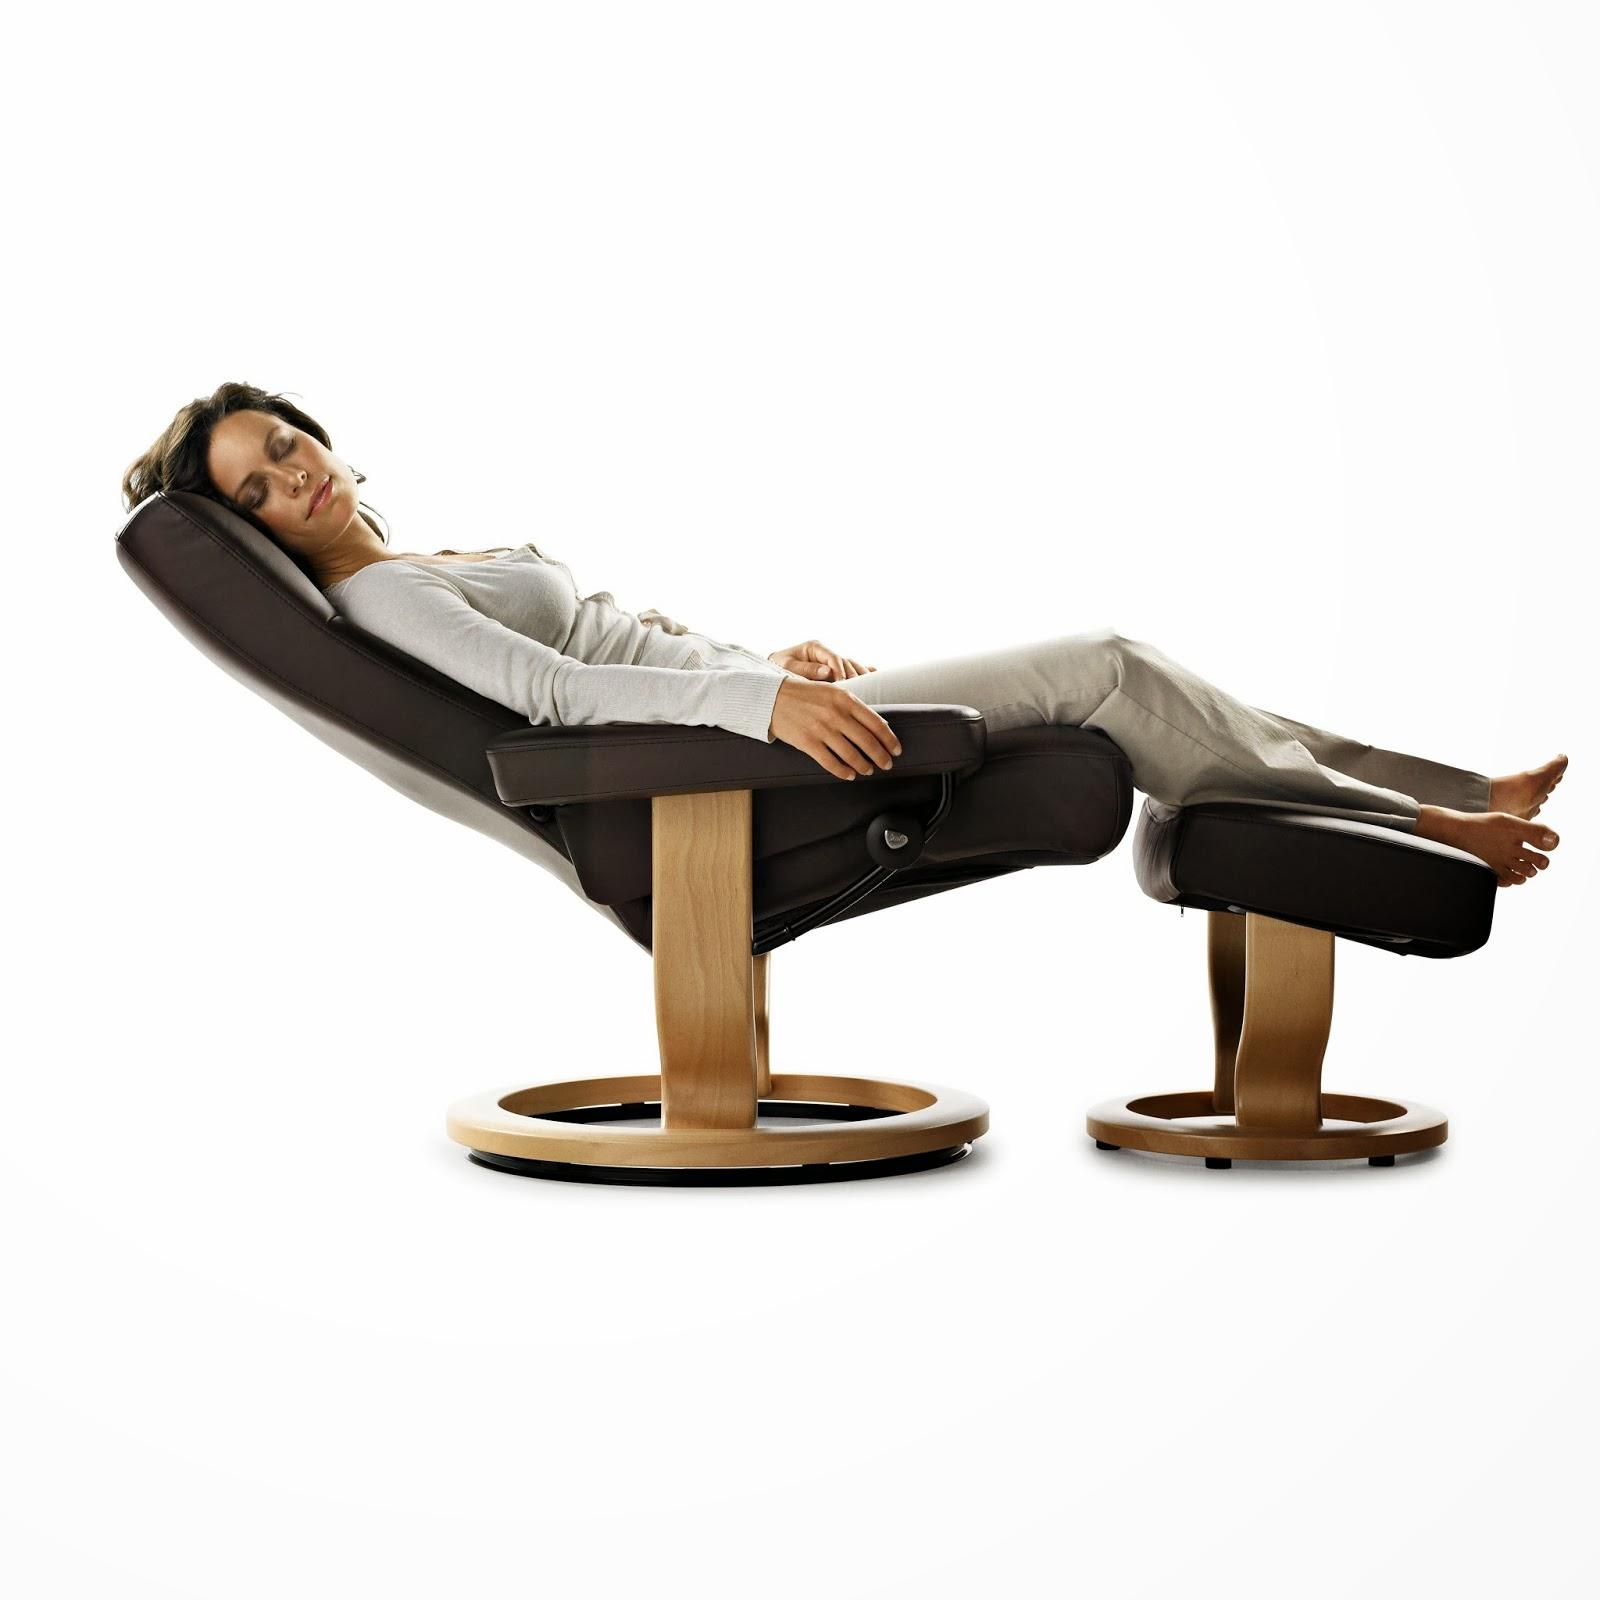 fauteuil stressless et son pouf dream fauteuil relax. Black Bedroom Furniture Sets. Home Design Ideas